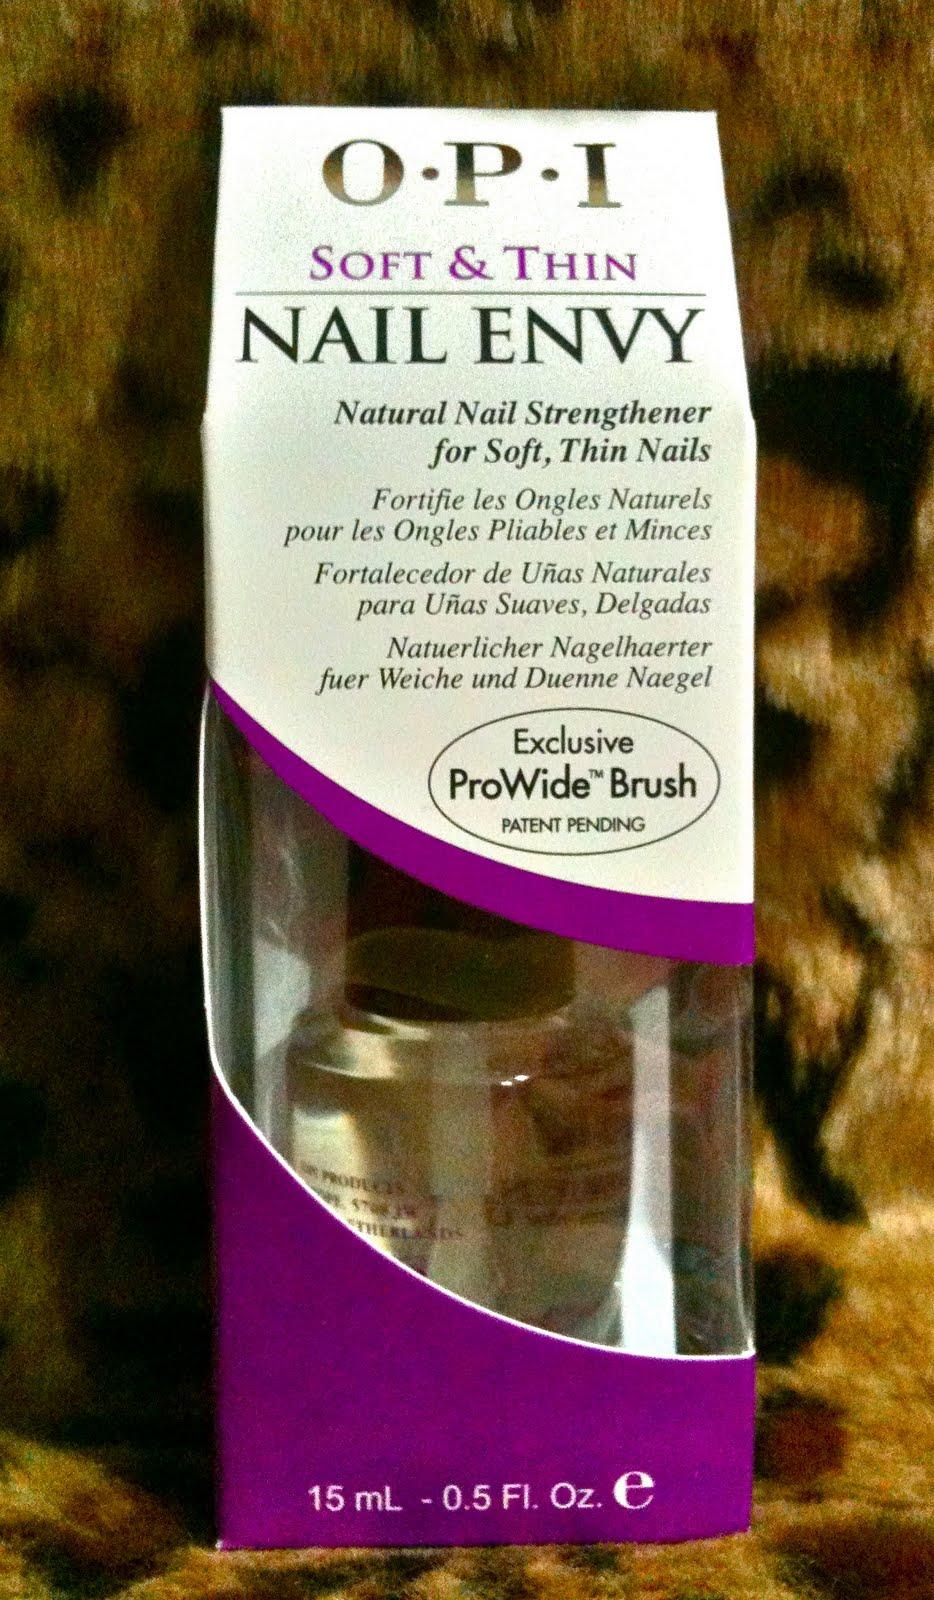 The Clover Beauty Inn: Review: O.P.I Nail Envy Natural Nail ...